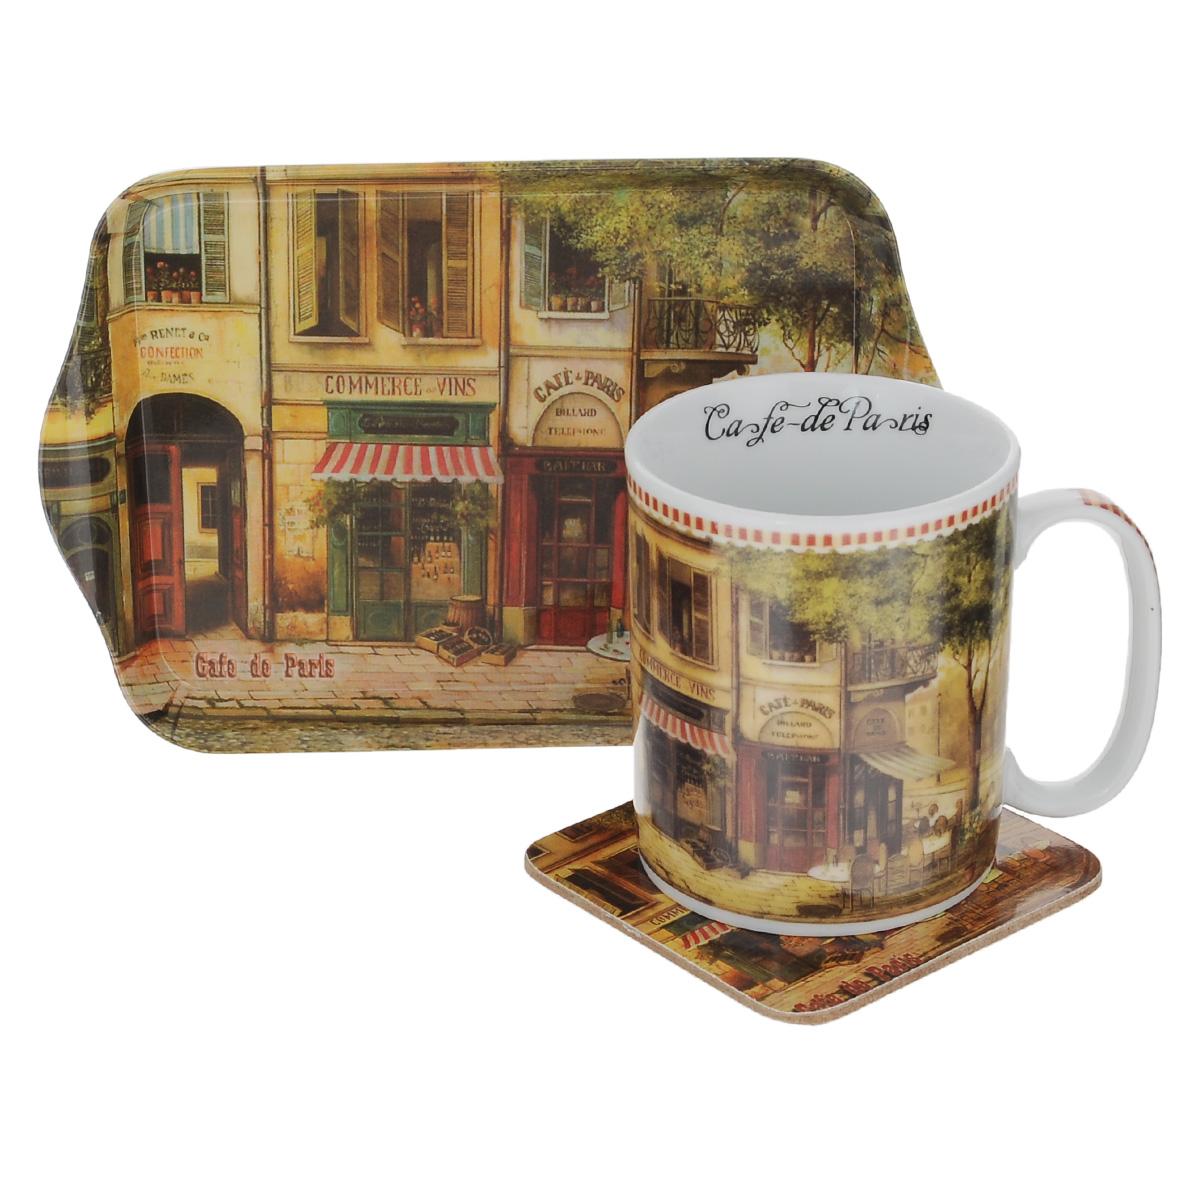 Набор чайный GiftnHome Парижское кафе, 3 предметаM07048/3 -CdPЧайный набор GiftnHome Парижское кафе состоит из кружки, подноса и подставки под кружку. Все изделия декорированы красочным изображением. Кружка изготовлена из высококачественного фарфора и оснащена удобной ручкой. Поднос изготовлен из высококачественного пластика и предназначен для красивой сервировки стола. Подставка под кружку изготовлена из пробки. Ламинированное покрытие подставки обеспечивает стойкость к высоким температурам. Такая подставка защитит поверхность стола от загрязнений и воздействия высоких температур напитка. Оригинальный набор порадует вас своим дизайном и станет неизменным атрибутом чаепития. Чайный набор GiftnHome Парижское кафе прекрасно подойдет в качестве сувенира и привнесет индивидуальности в обычную сервировку стола. Диаметр кружки: 8 см. Высота: 9,5 см. Объем: 300 мл. Размер подноса: 21 см х 14 см х 1,7 см. Размер подставки: 10 см х 10 см х 2 см.